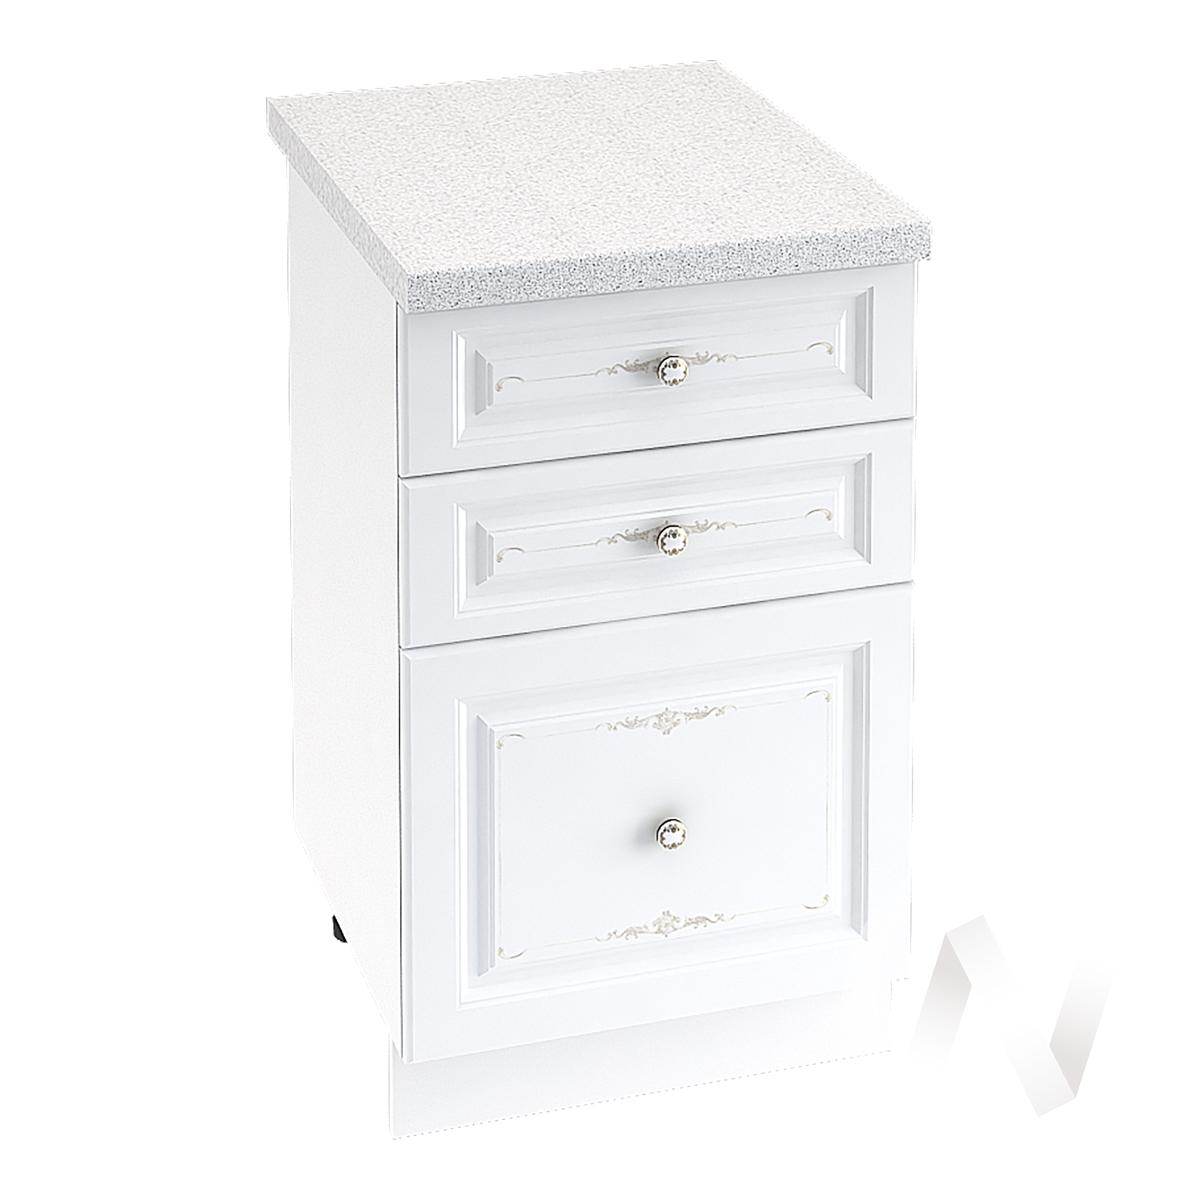 """Кухня """"Шарлиз"""": Шкаф нижний с 3-мя ящиками 500, ШН3Я 500 (корпус белый)"""